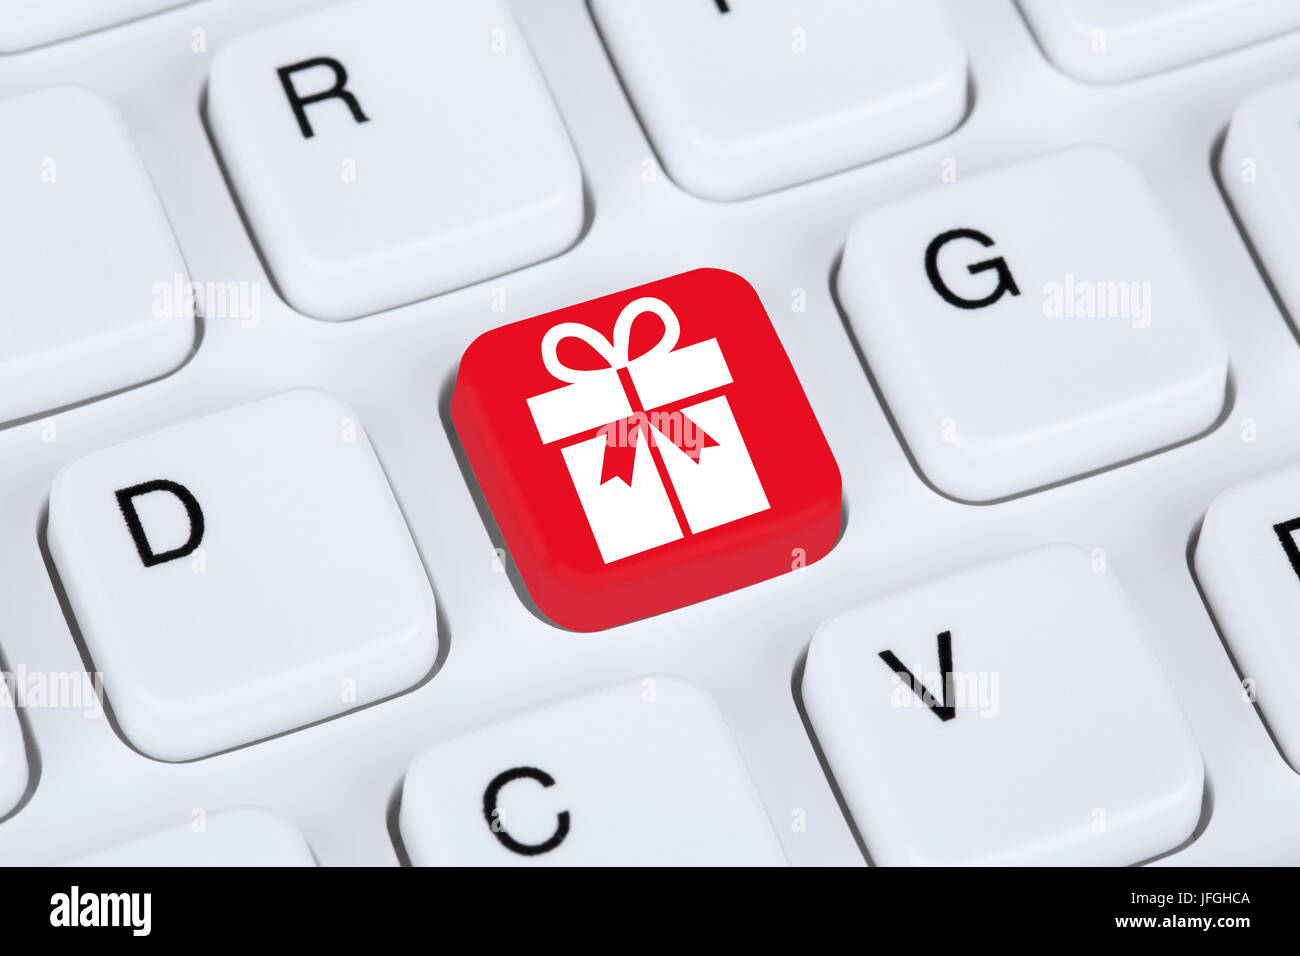 Geschenke online Shopping einkaufen bestellen im Internet - Stock Image